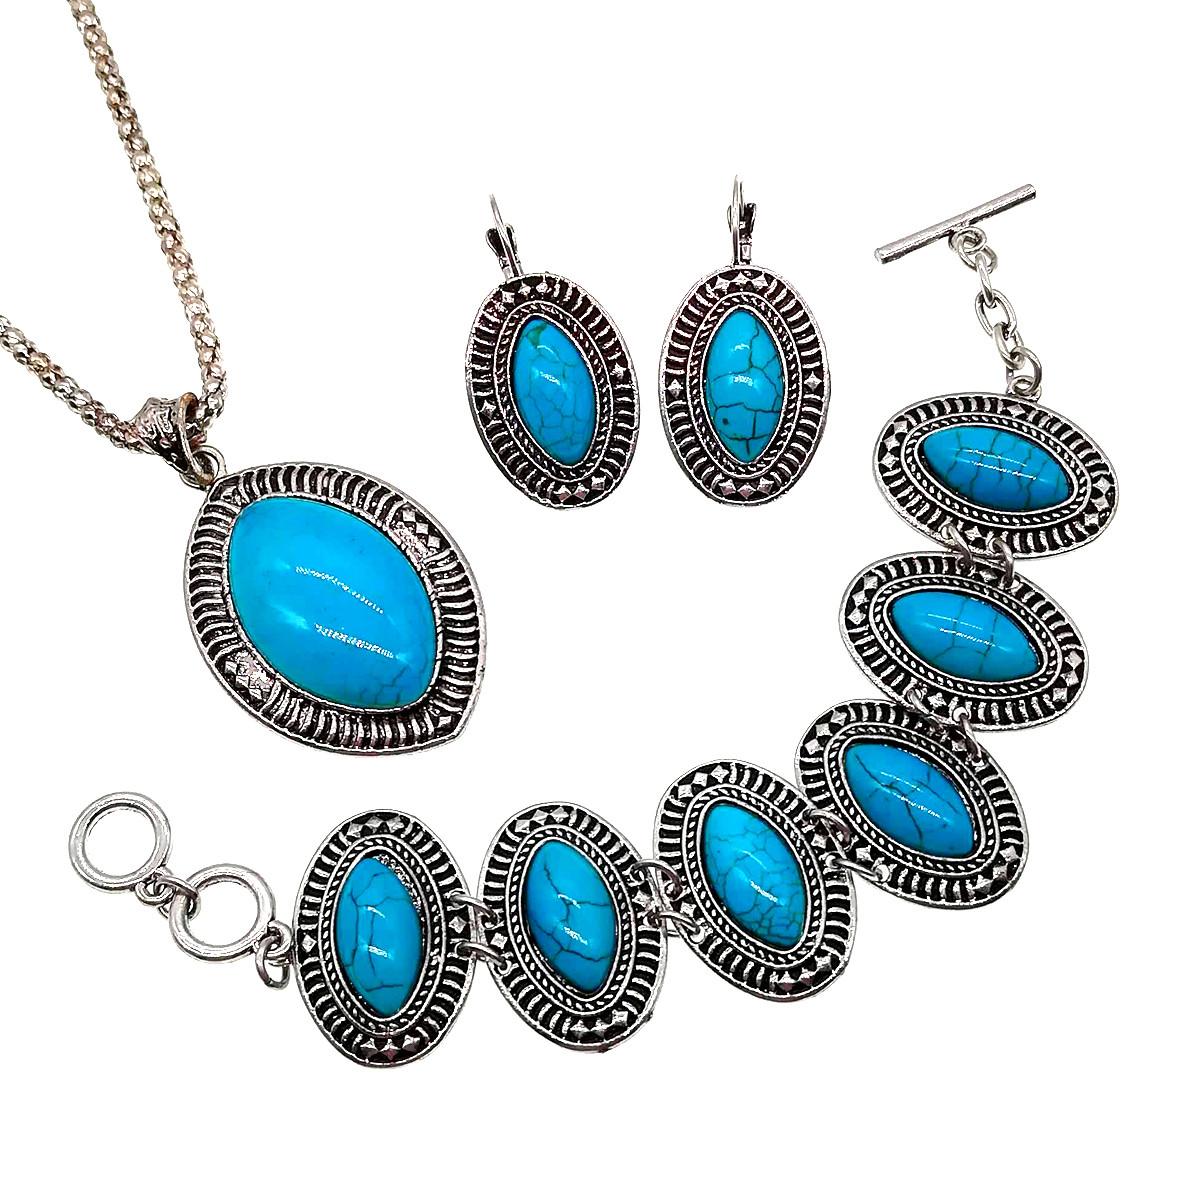 Комплект SONATA (серьги, браслет, подвеска на цепочке), бирюза прессованна, 73448          (1)